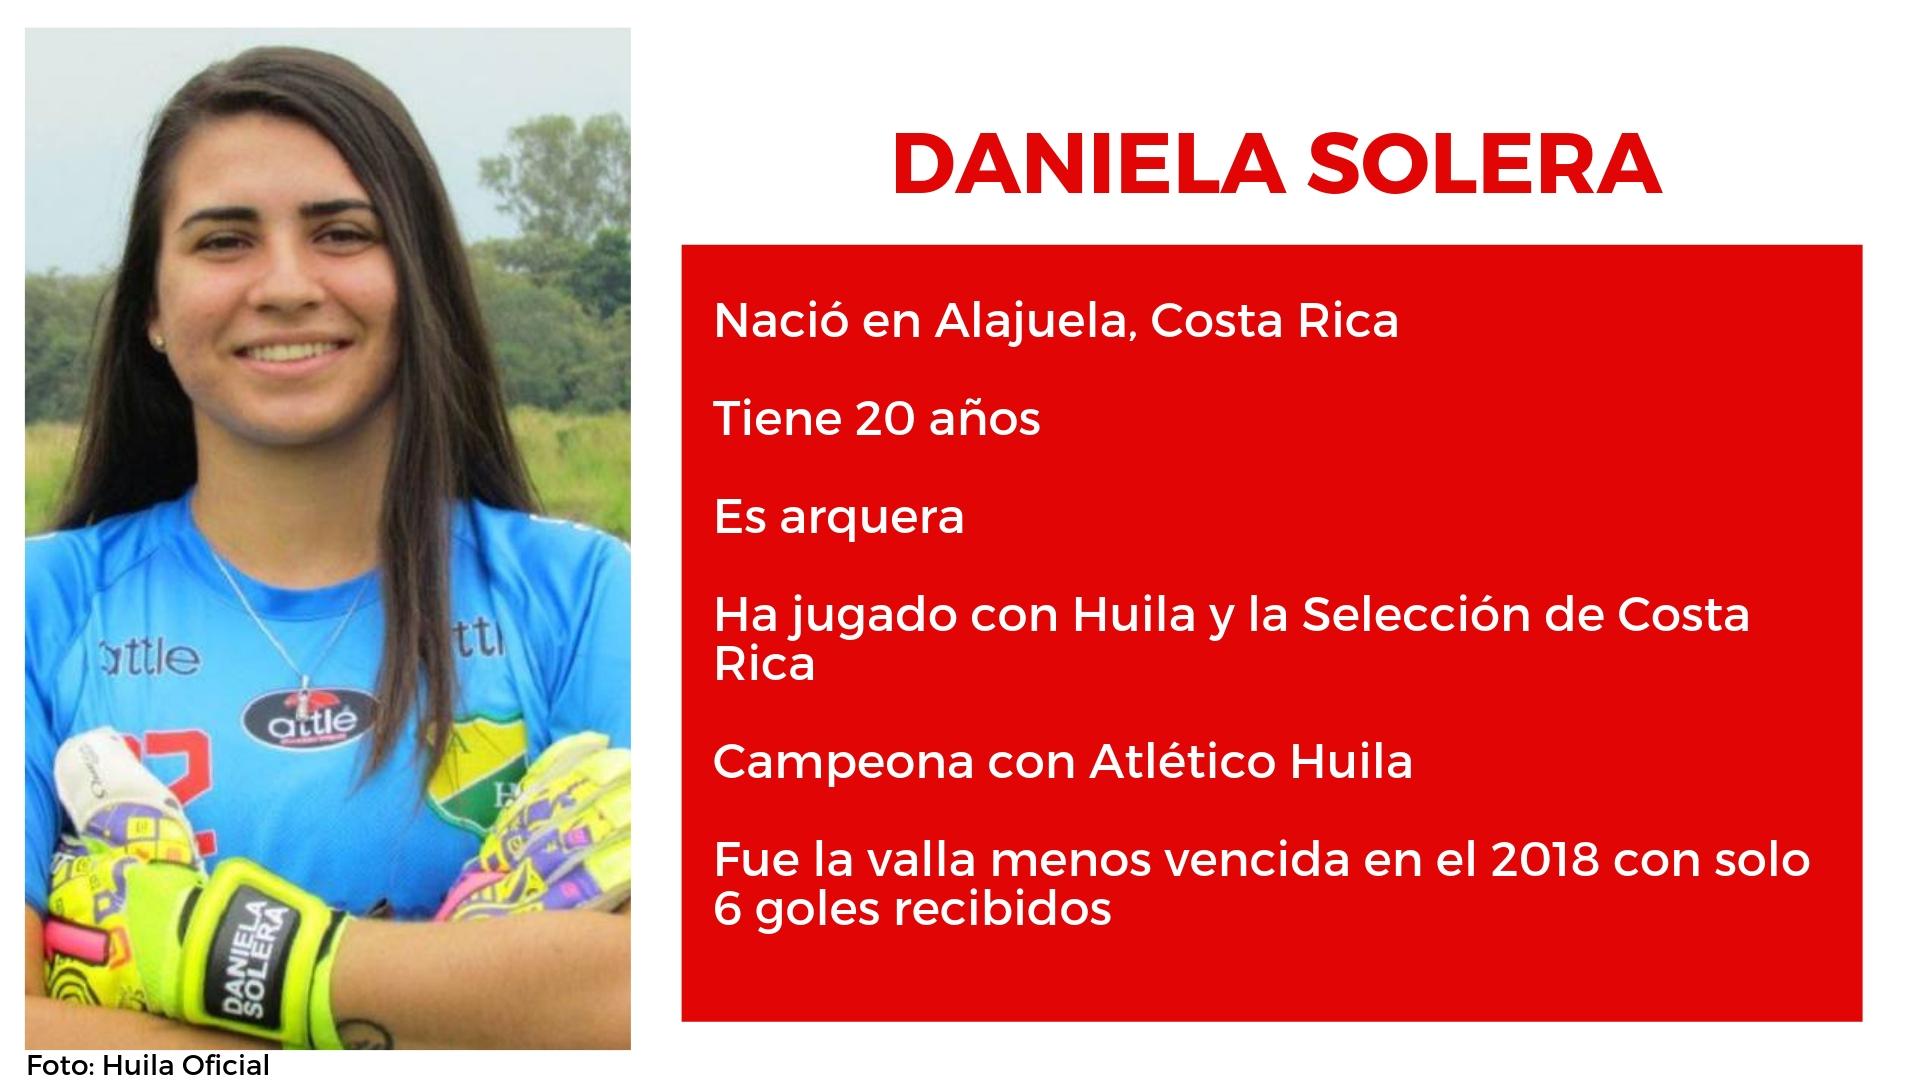 Daniel Solera